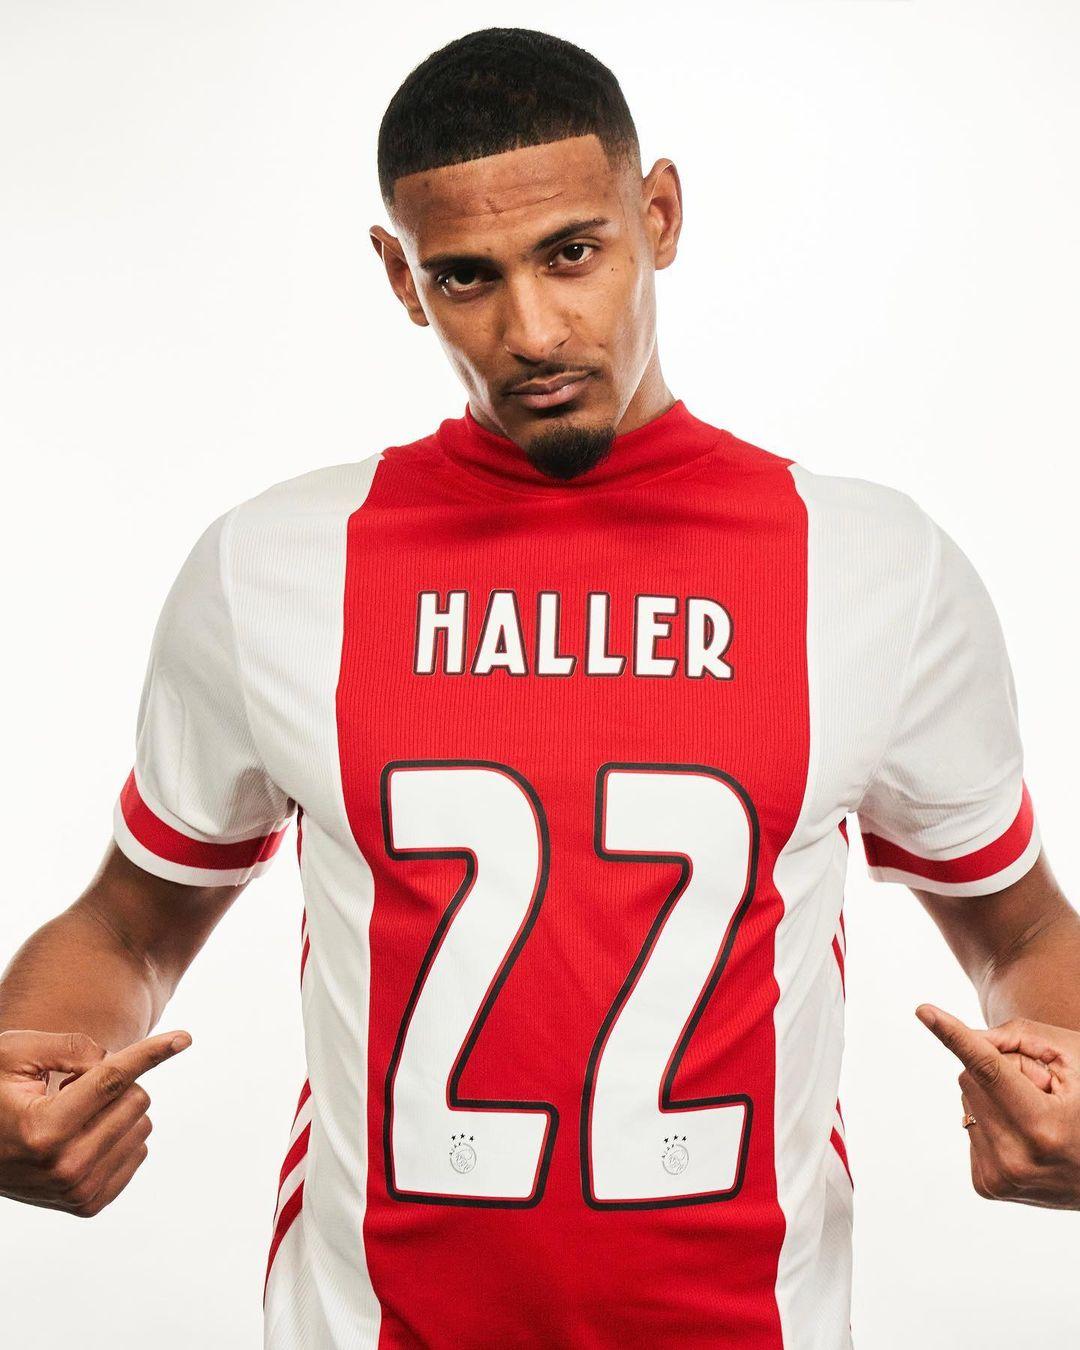 haller 1